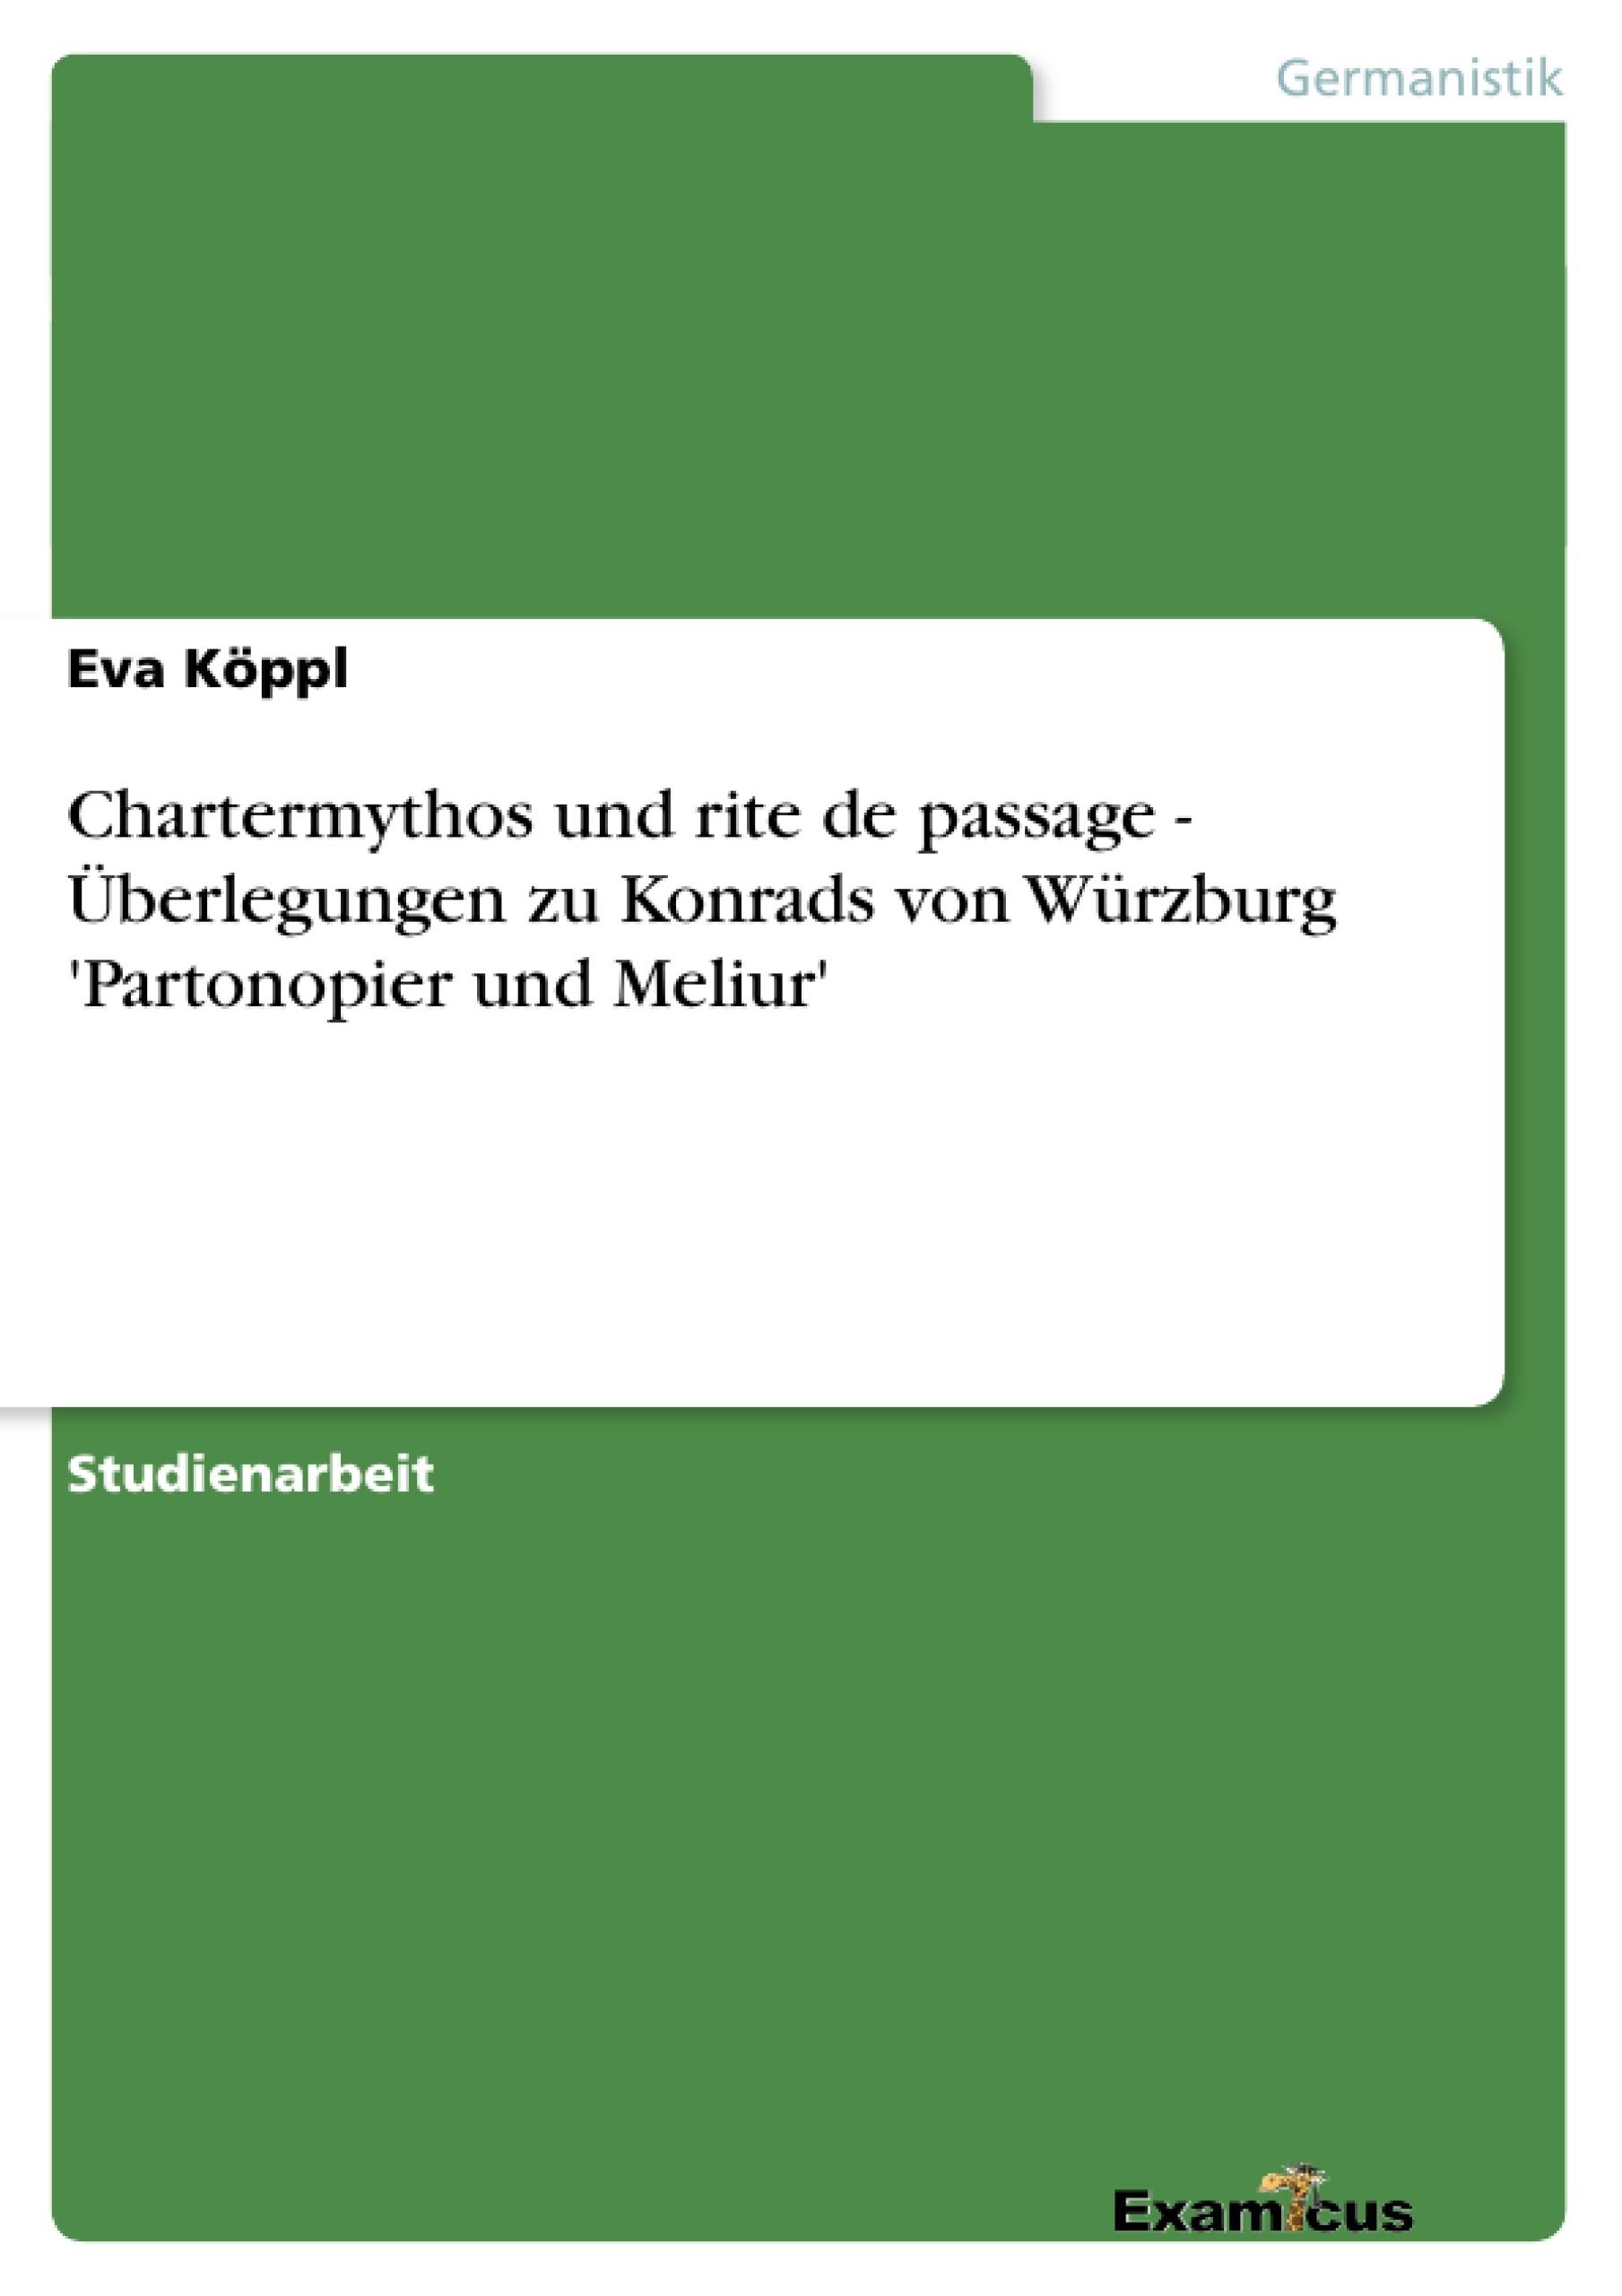 Titel: Chartermythos und rite de passage - Überlegungen zu Konrads von Würzburg 'Partonopier und Meliur'